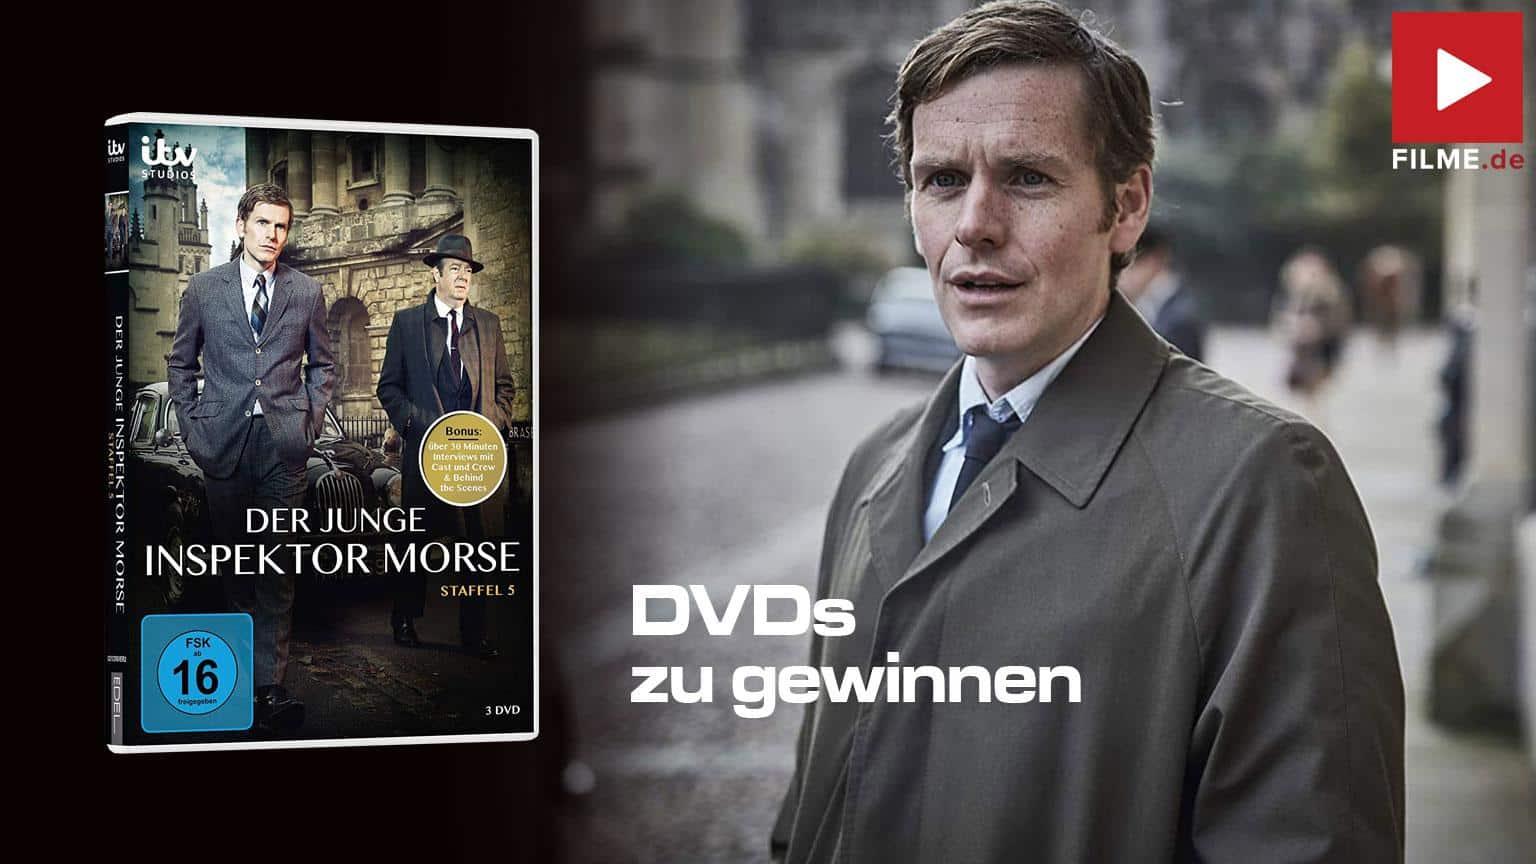 Der Junge Inspektor Morse Staffel 5 Gewinnspiel gewinnen Blu-ray DVD shop kaufen Artikelbild